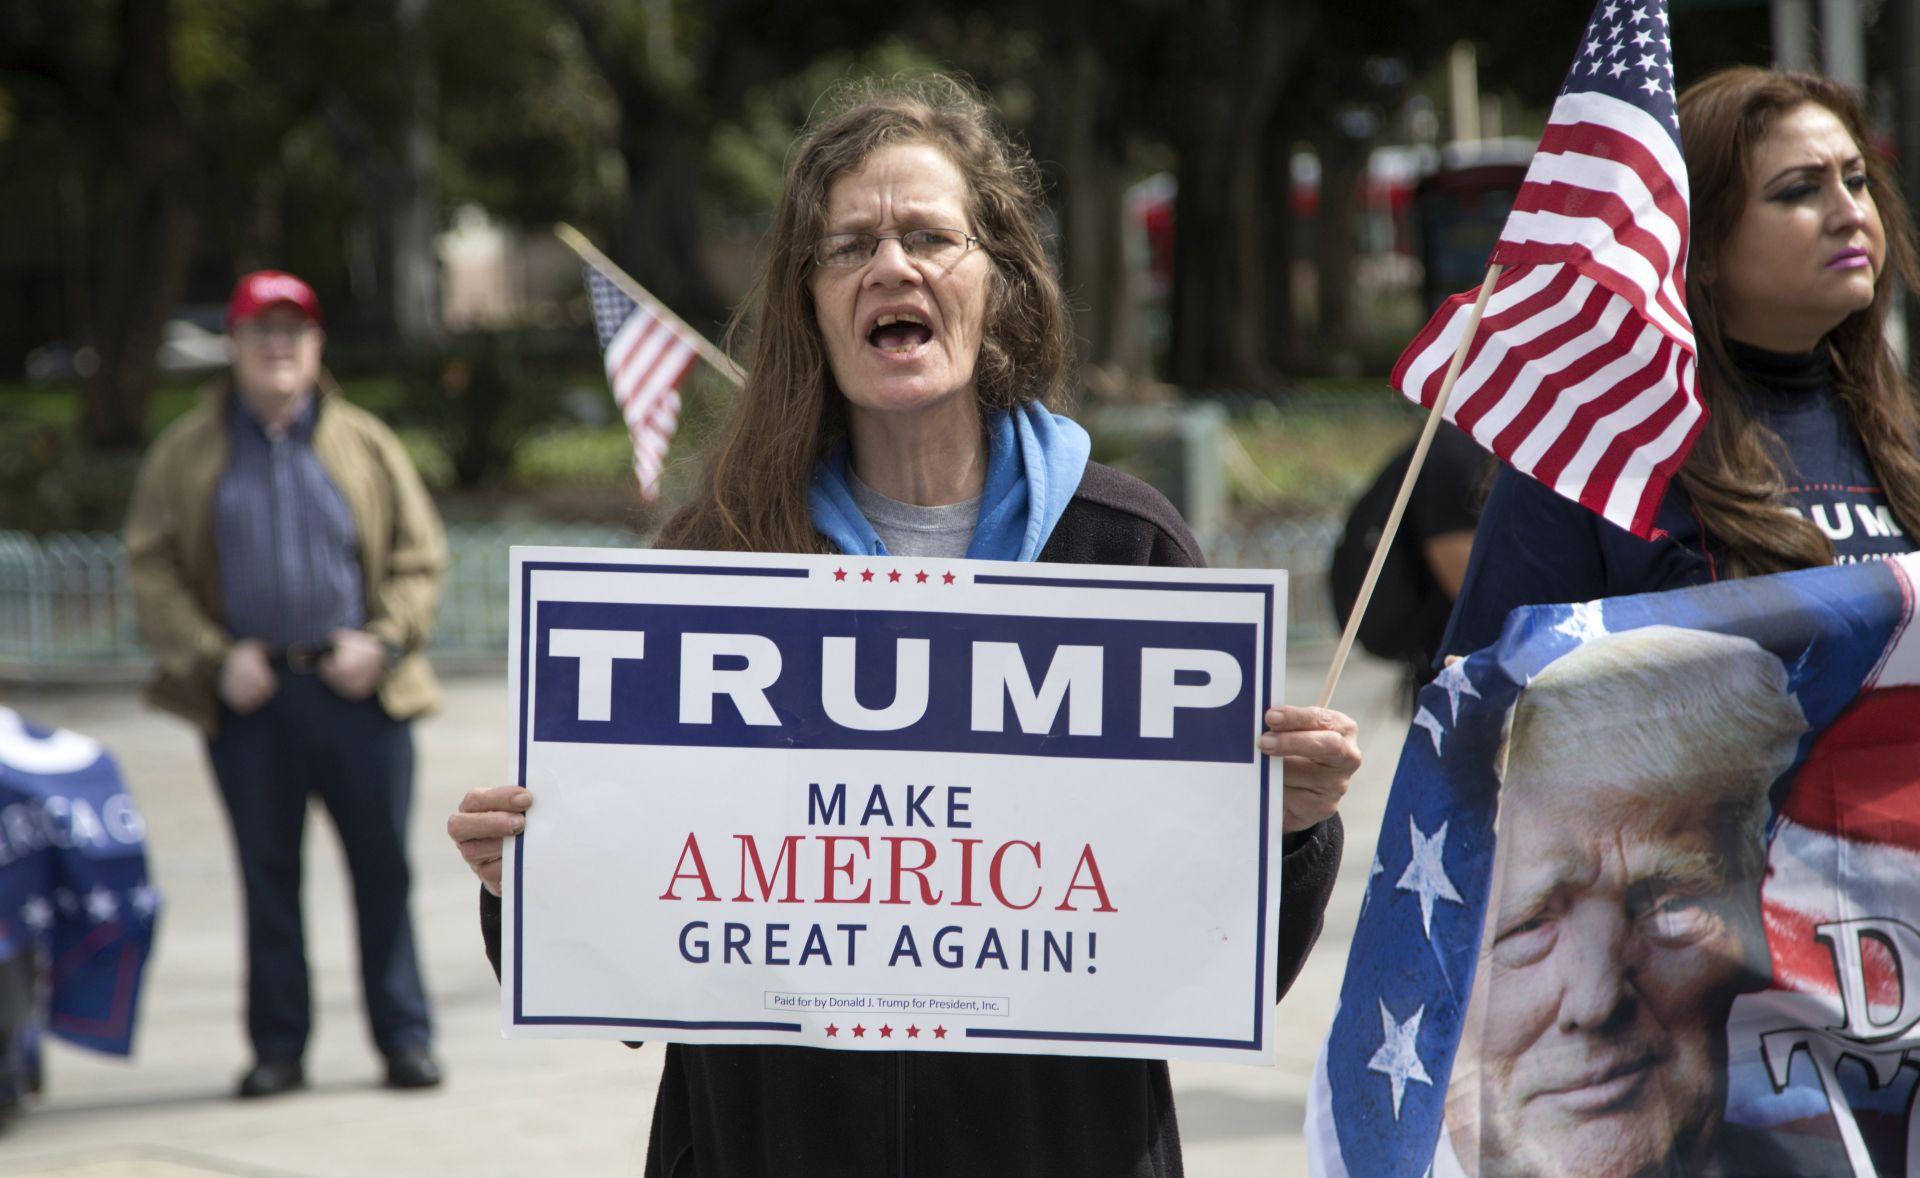 Uhićenja imigranata u SAD-u porasla pod Trumpom za 40 posto